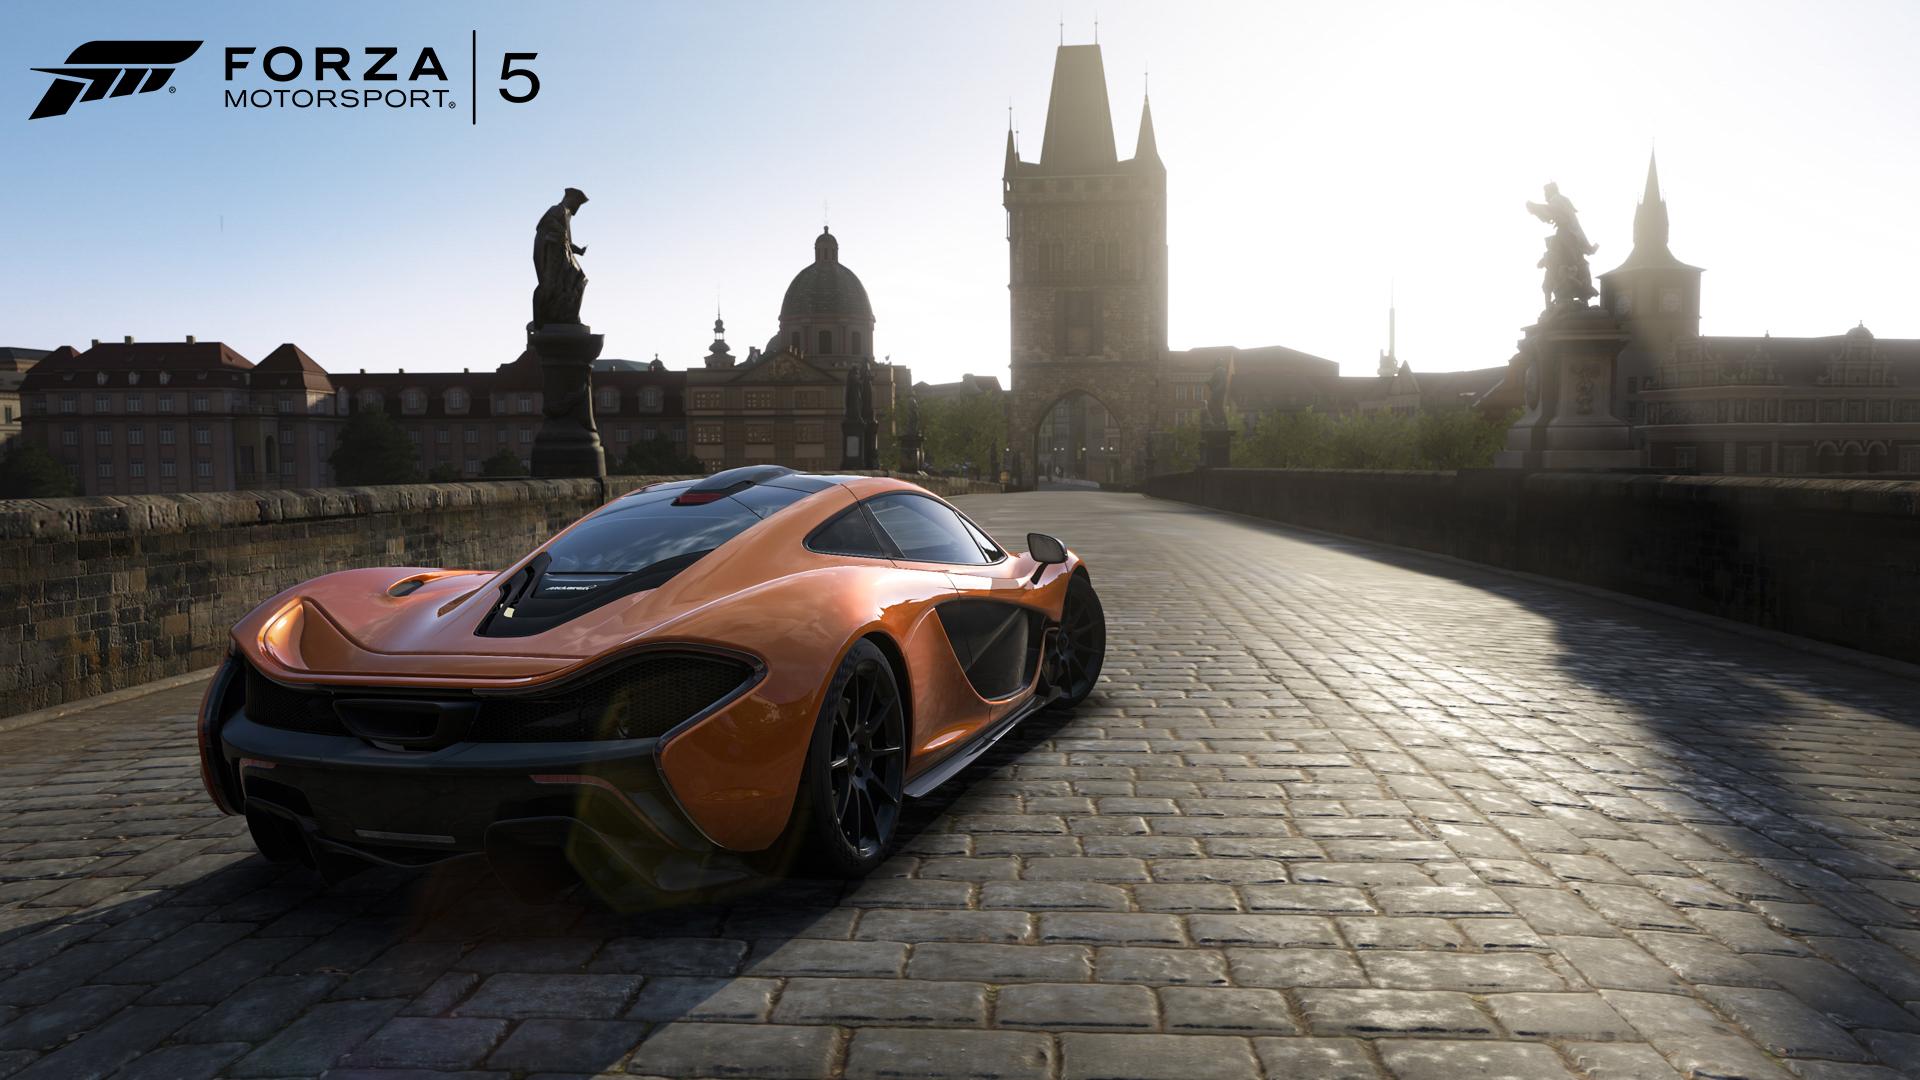 Forza 5   McLaren P1 wallpaper 1920x1080 180814 WallpaperUP 1920x1080